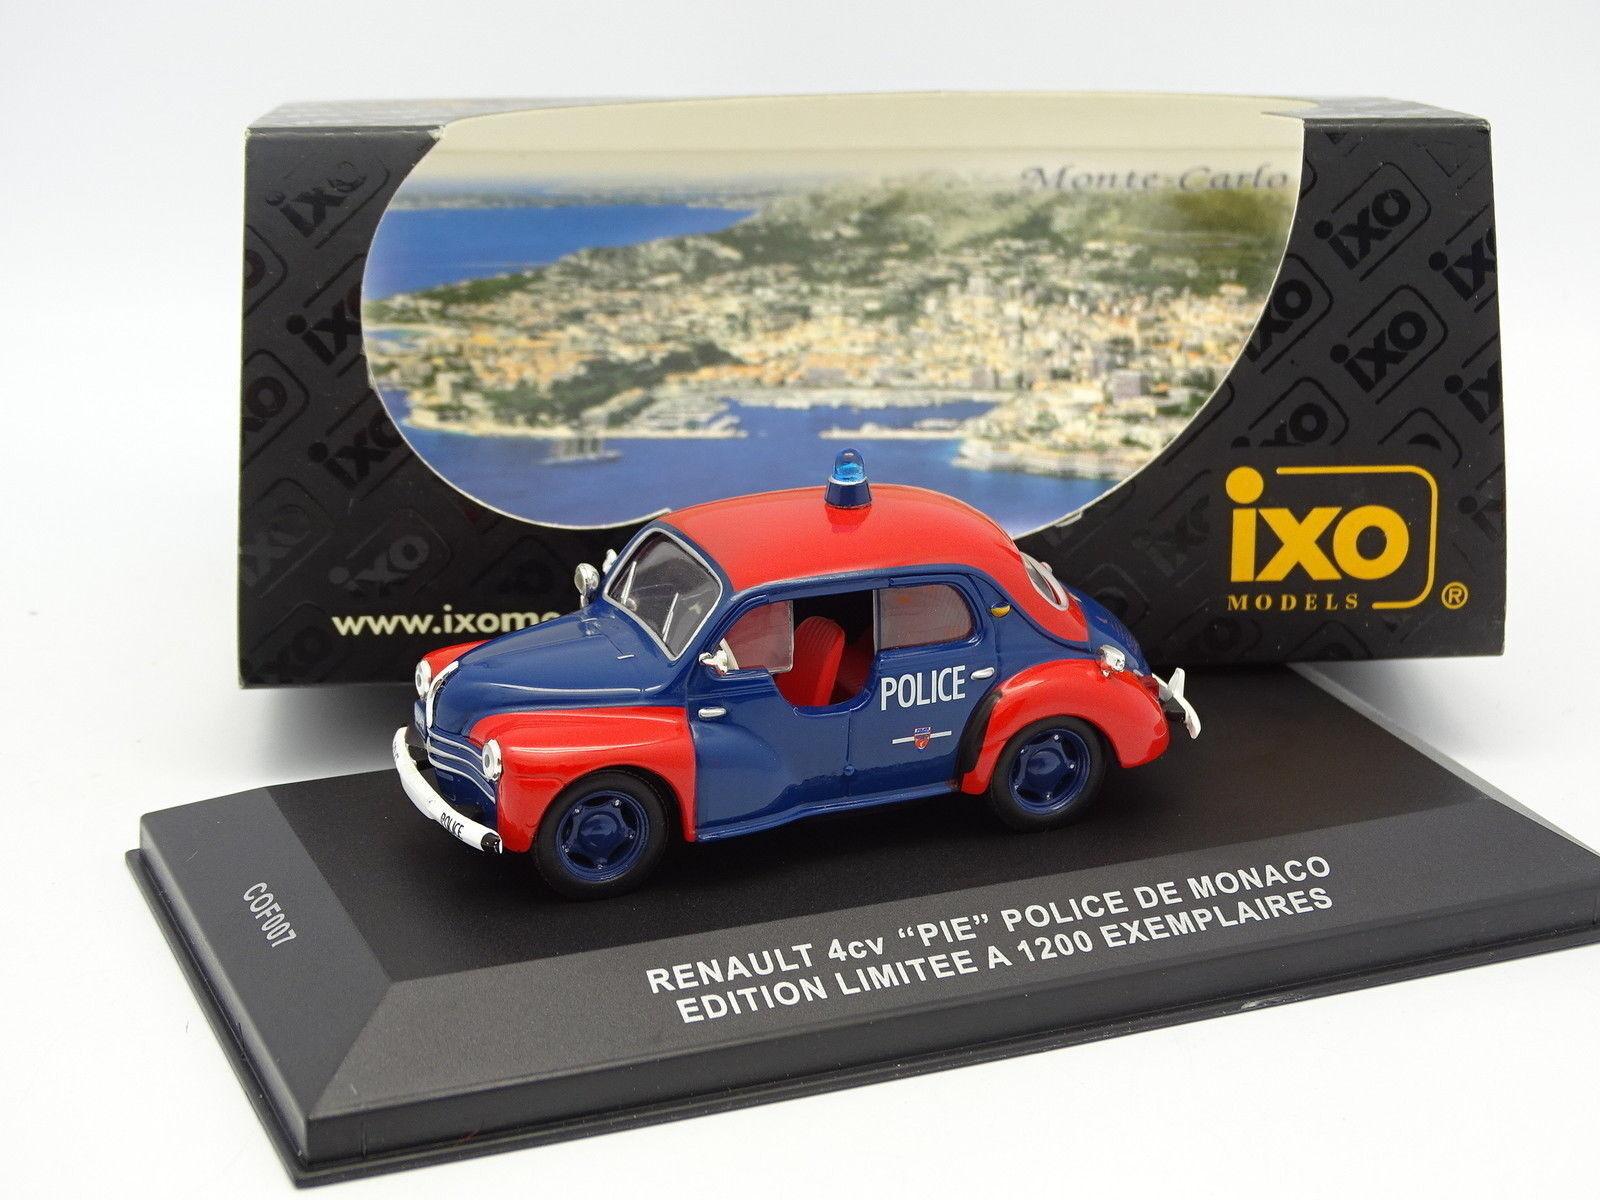 marche online vendita a basso costo Ixo 1 43 - - - Renault 4cv Polizia Pie Monaco  alta quaità